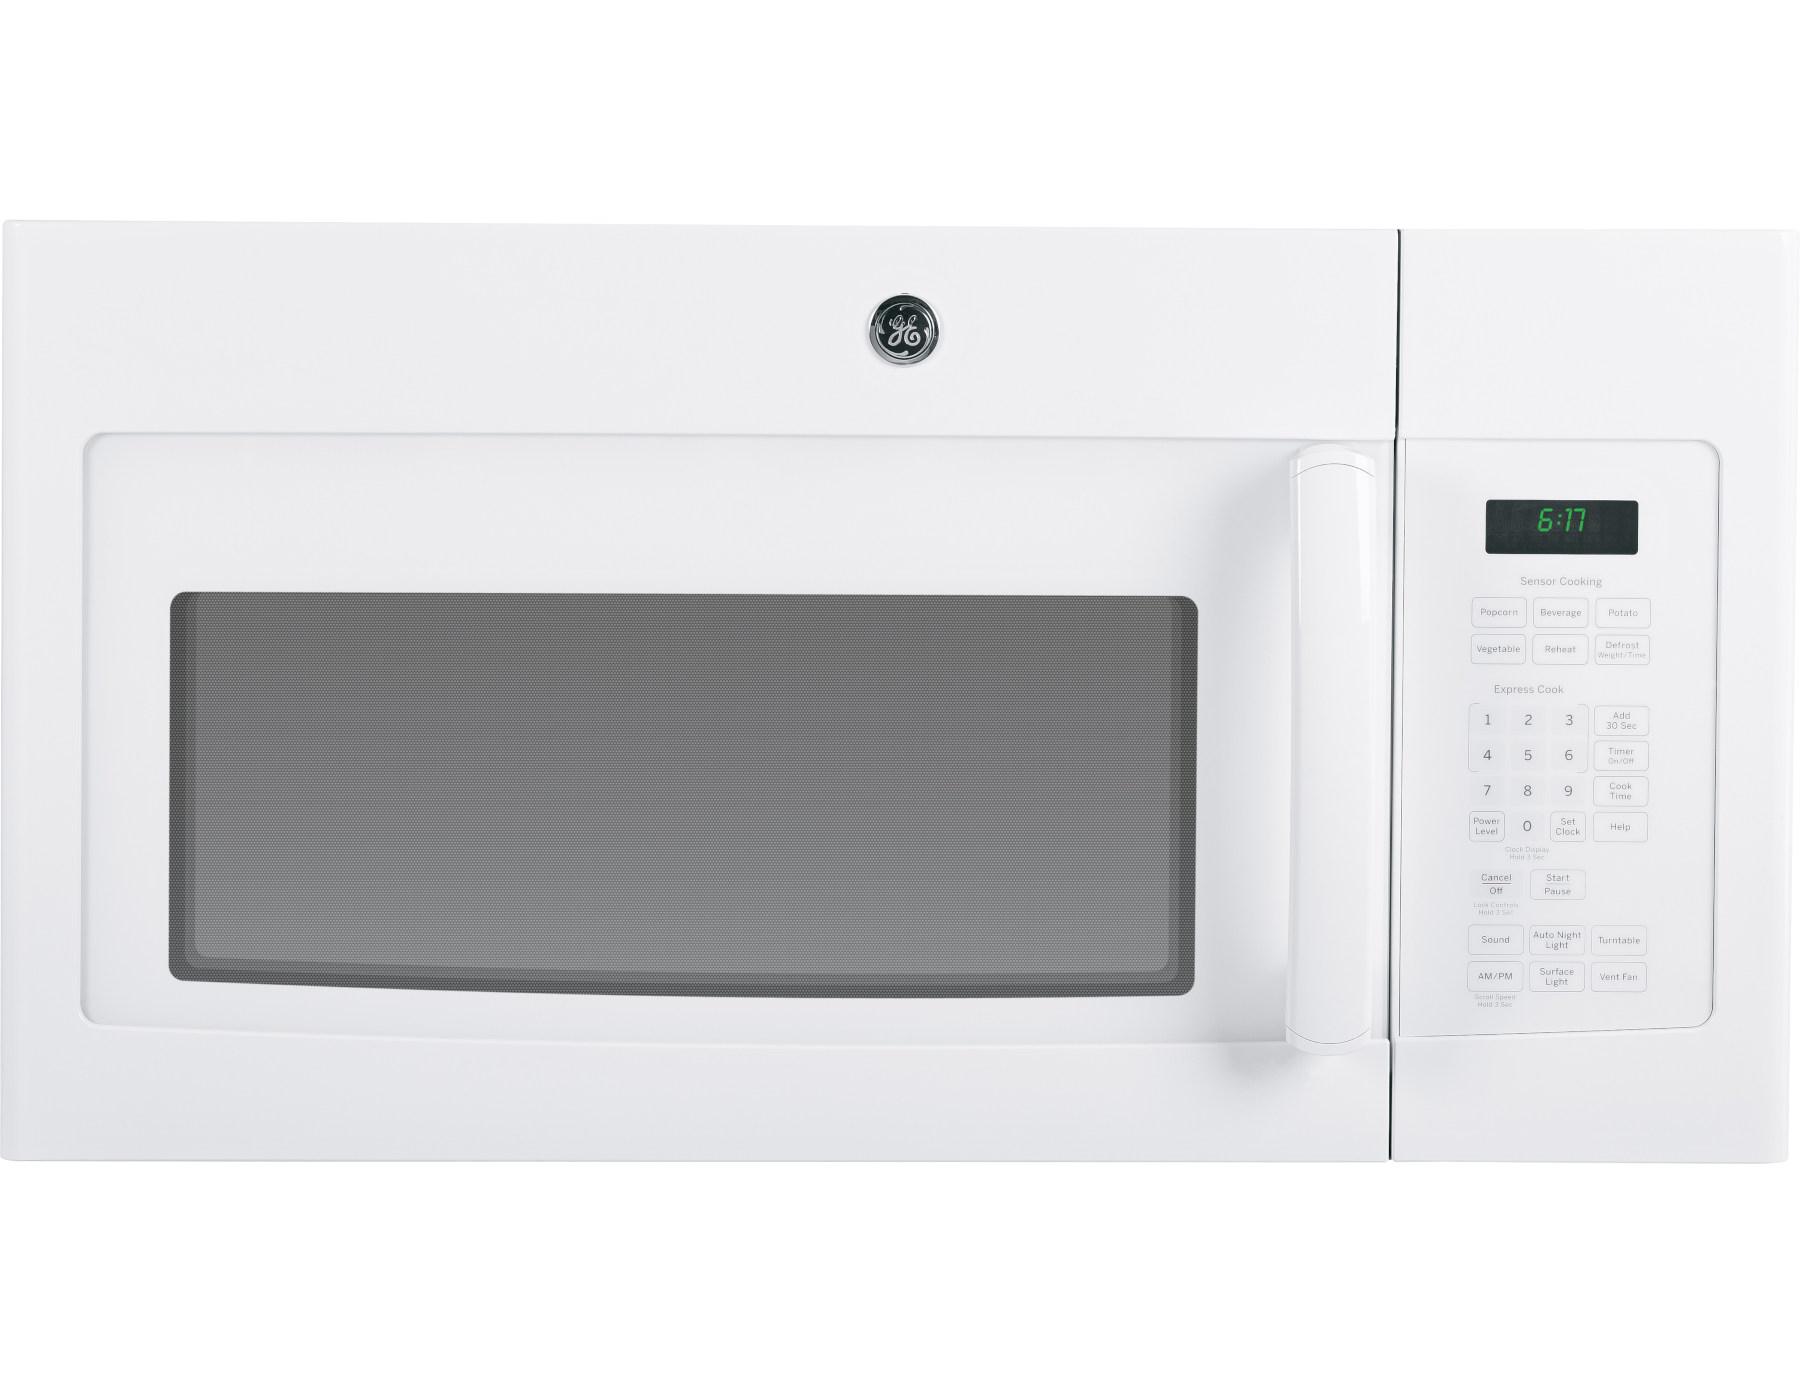 18742 – Microwave